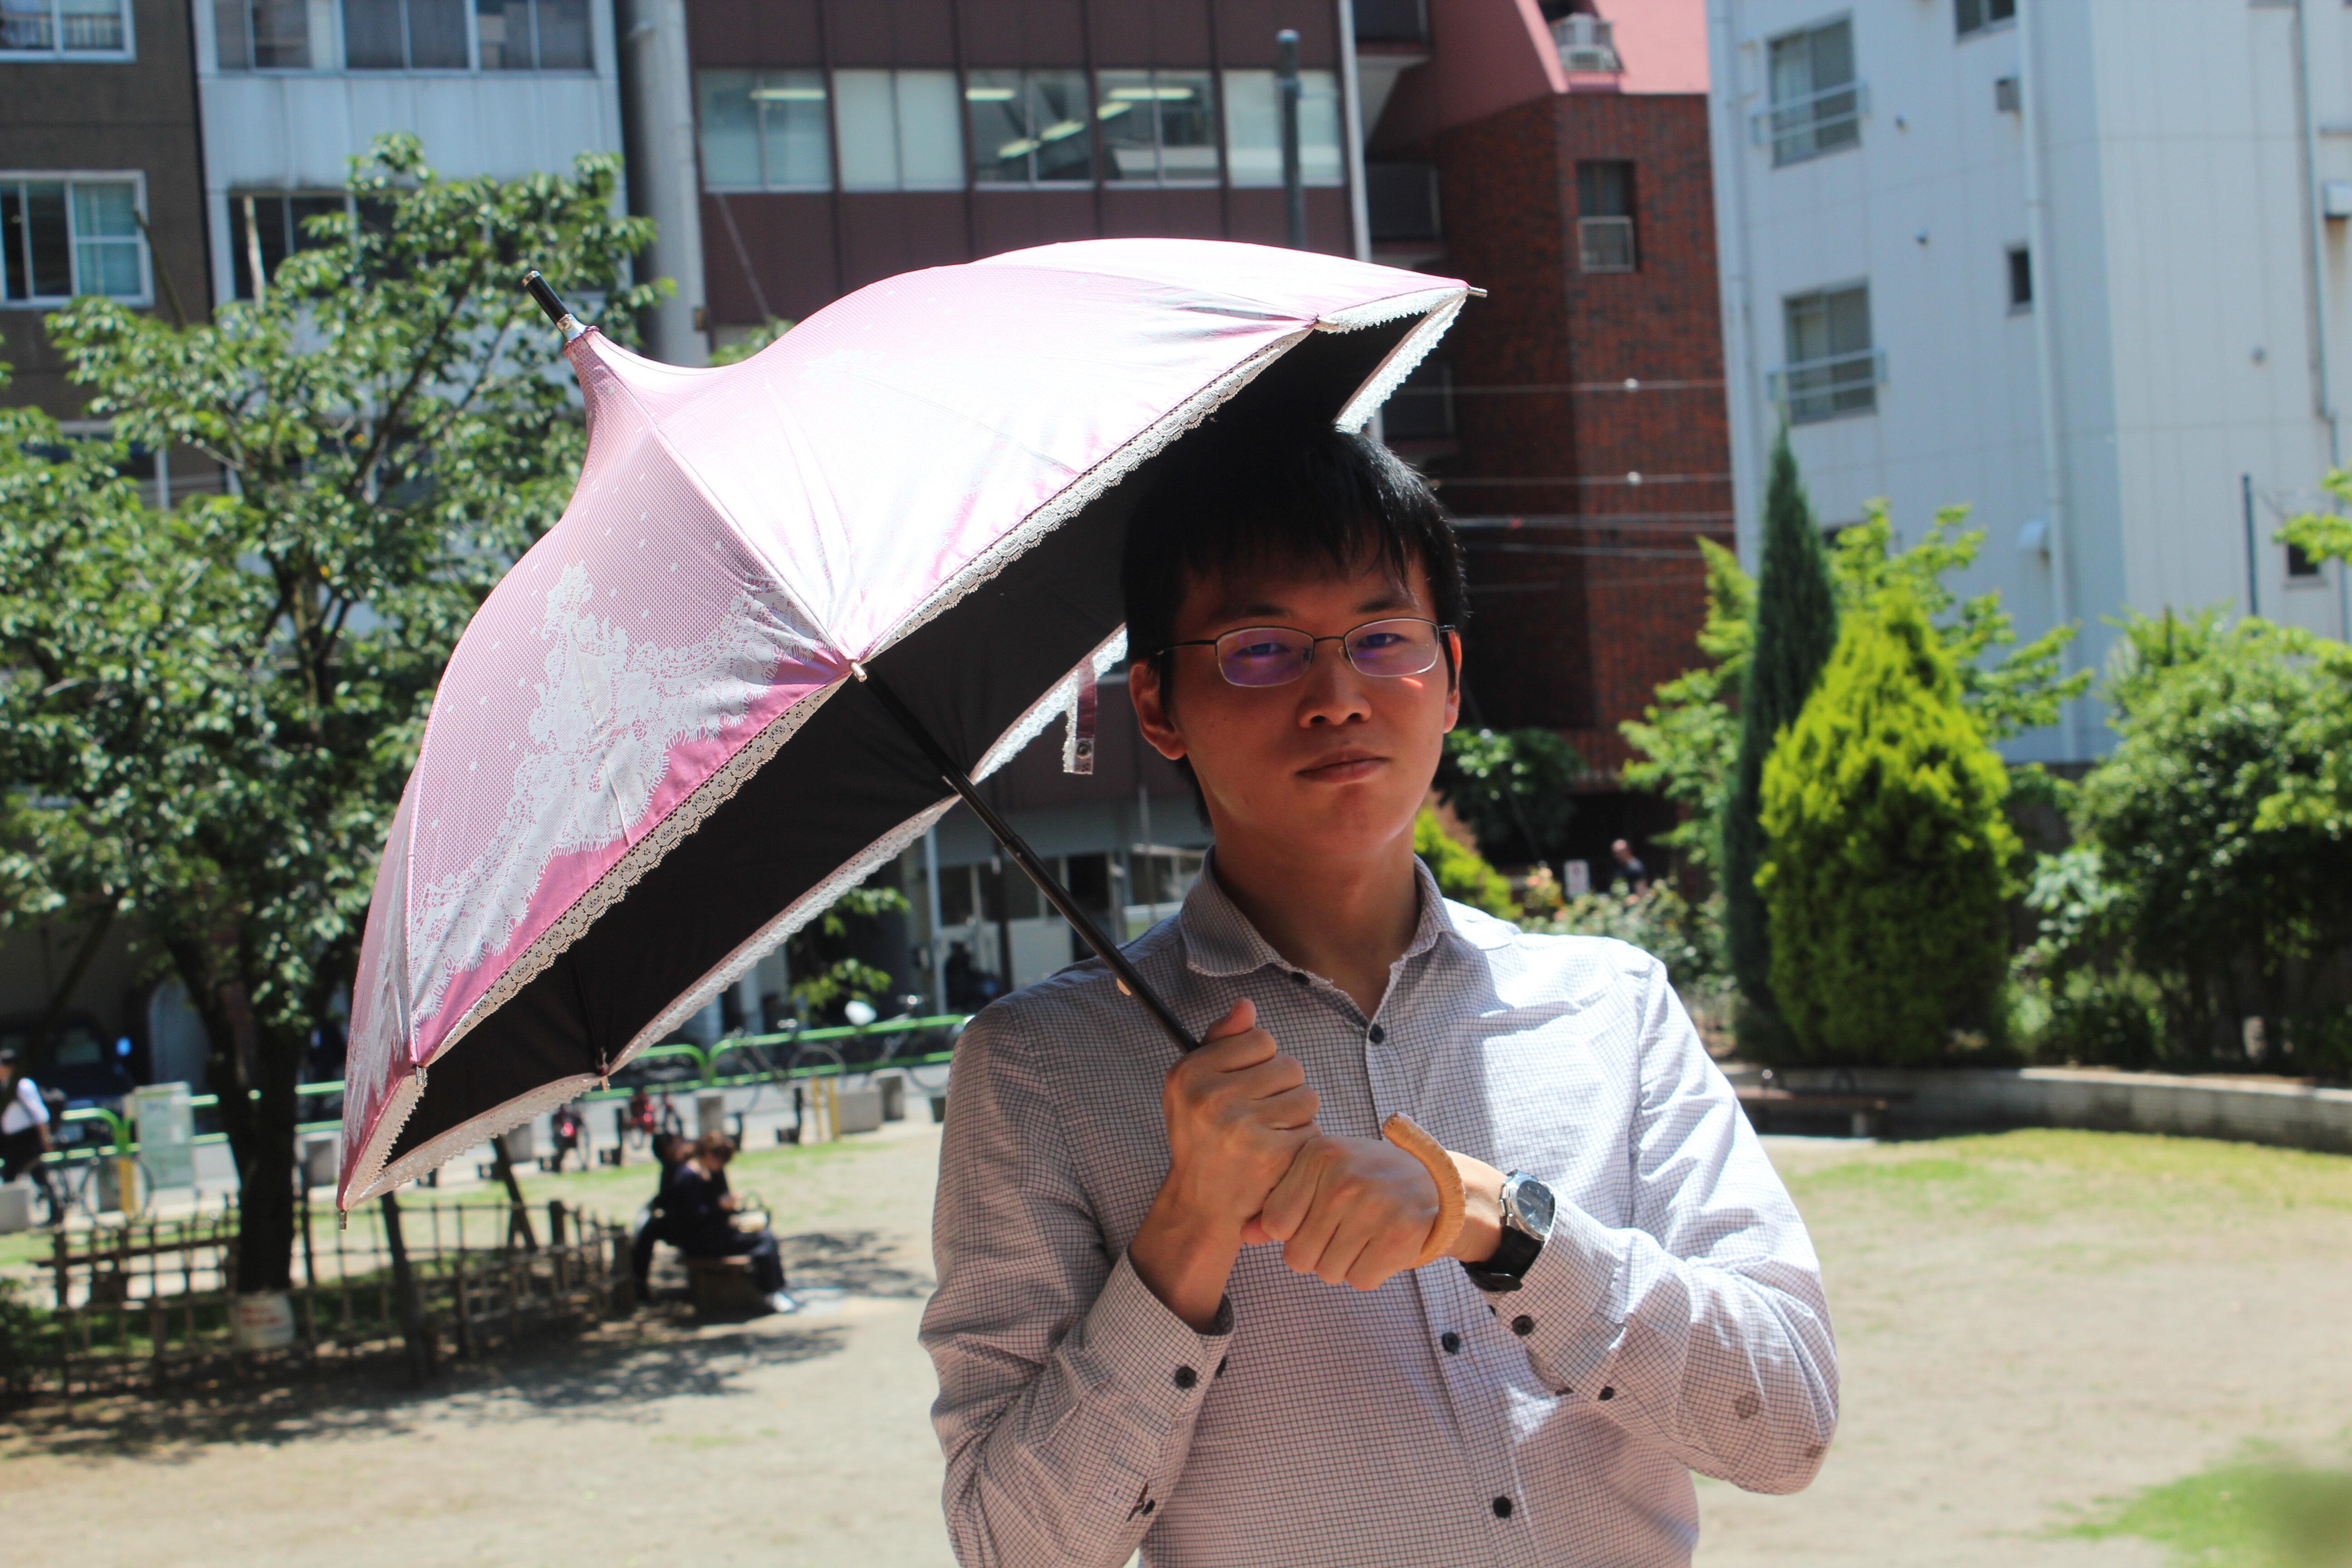 日本の「日傘男子」キャンペーンが中国で話題に。男が日傘をさすのは「娘(にゃん)」なのか?